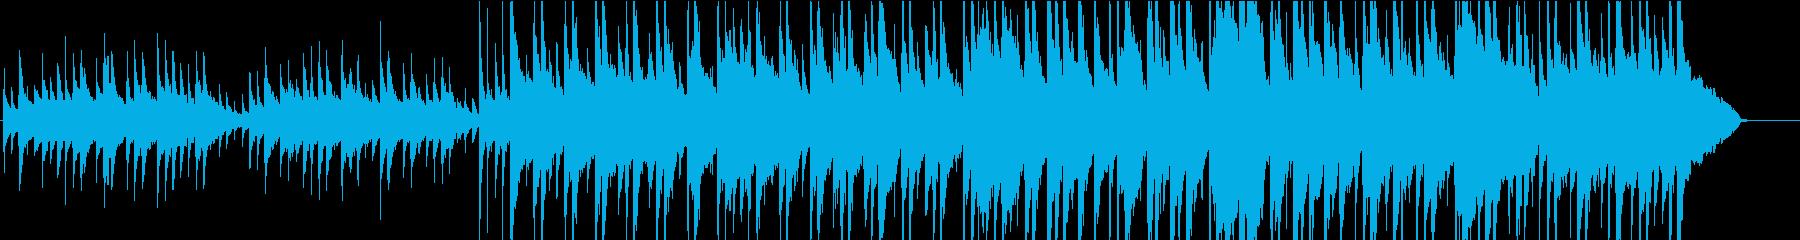 和風で落ち着いたイメージのBGMの再生済みの波形